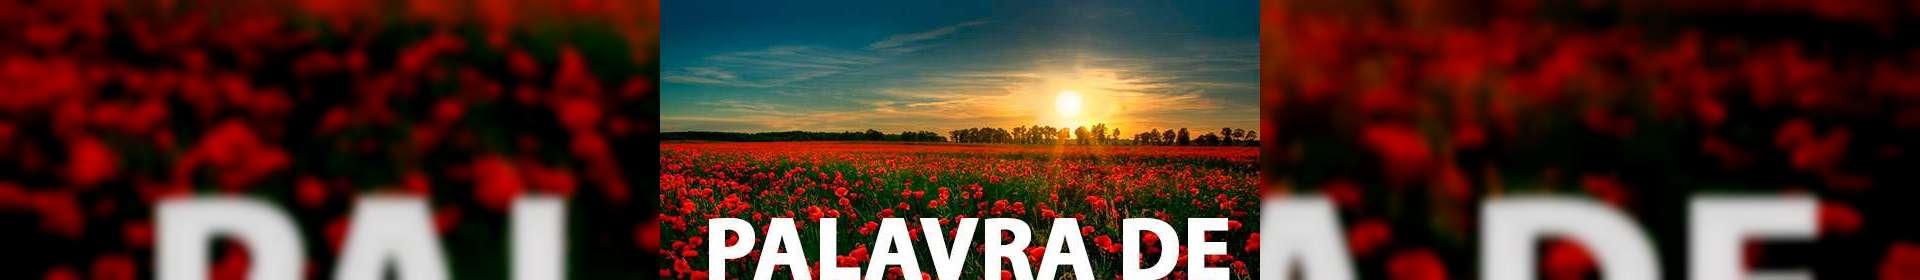 Salmos 46:10,11 - Uma Palavra de Esperança para sua vida